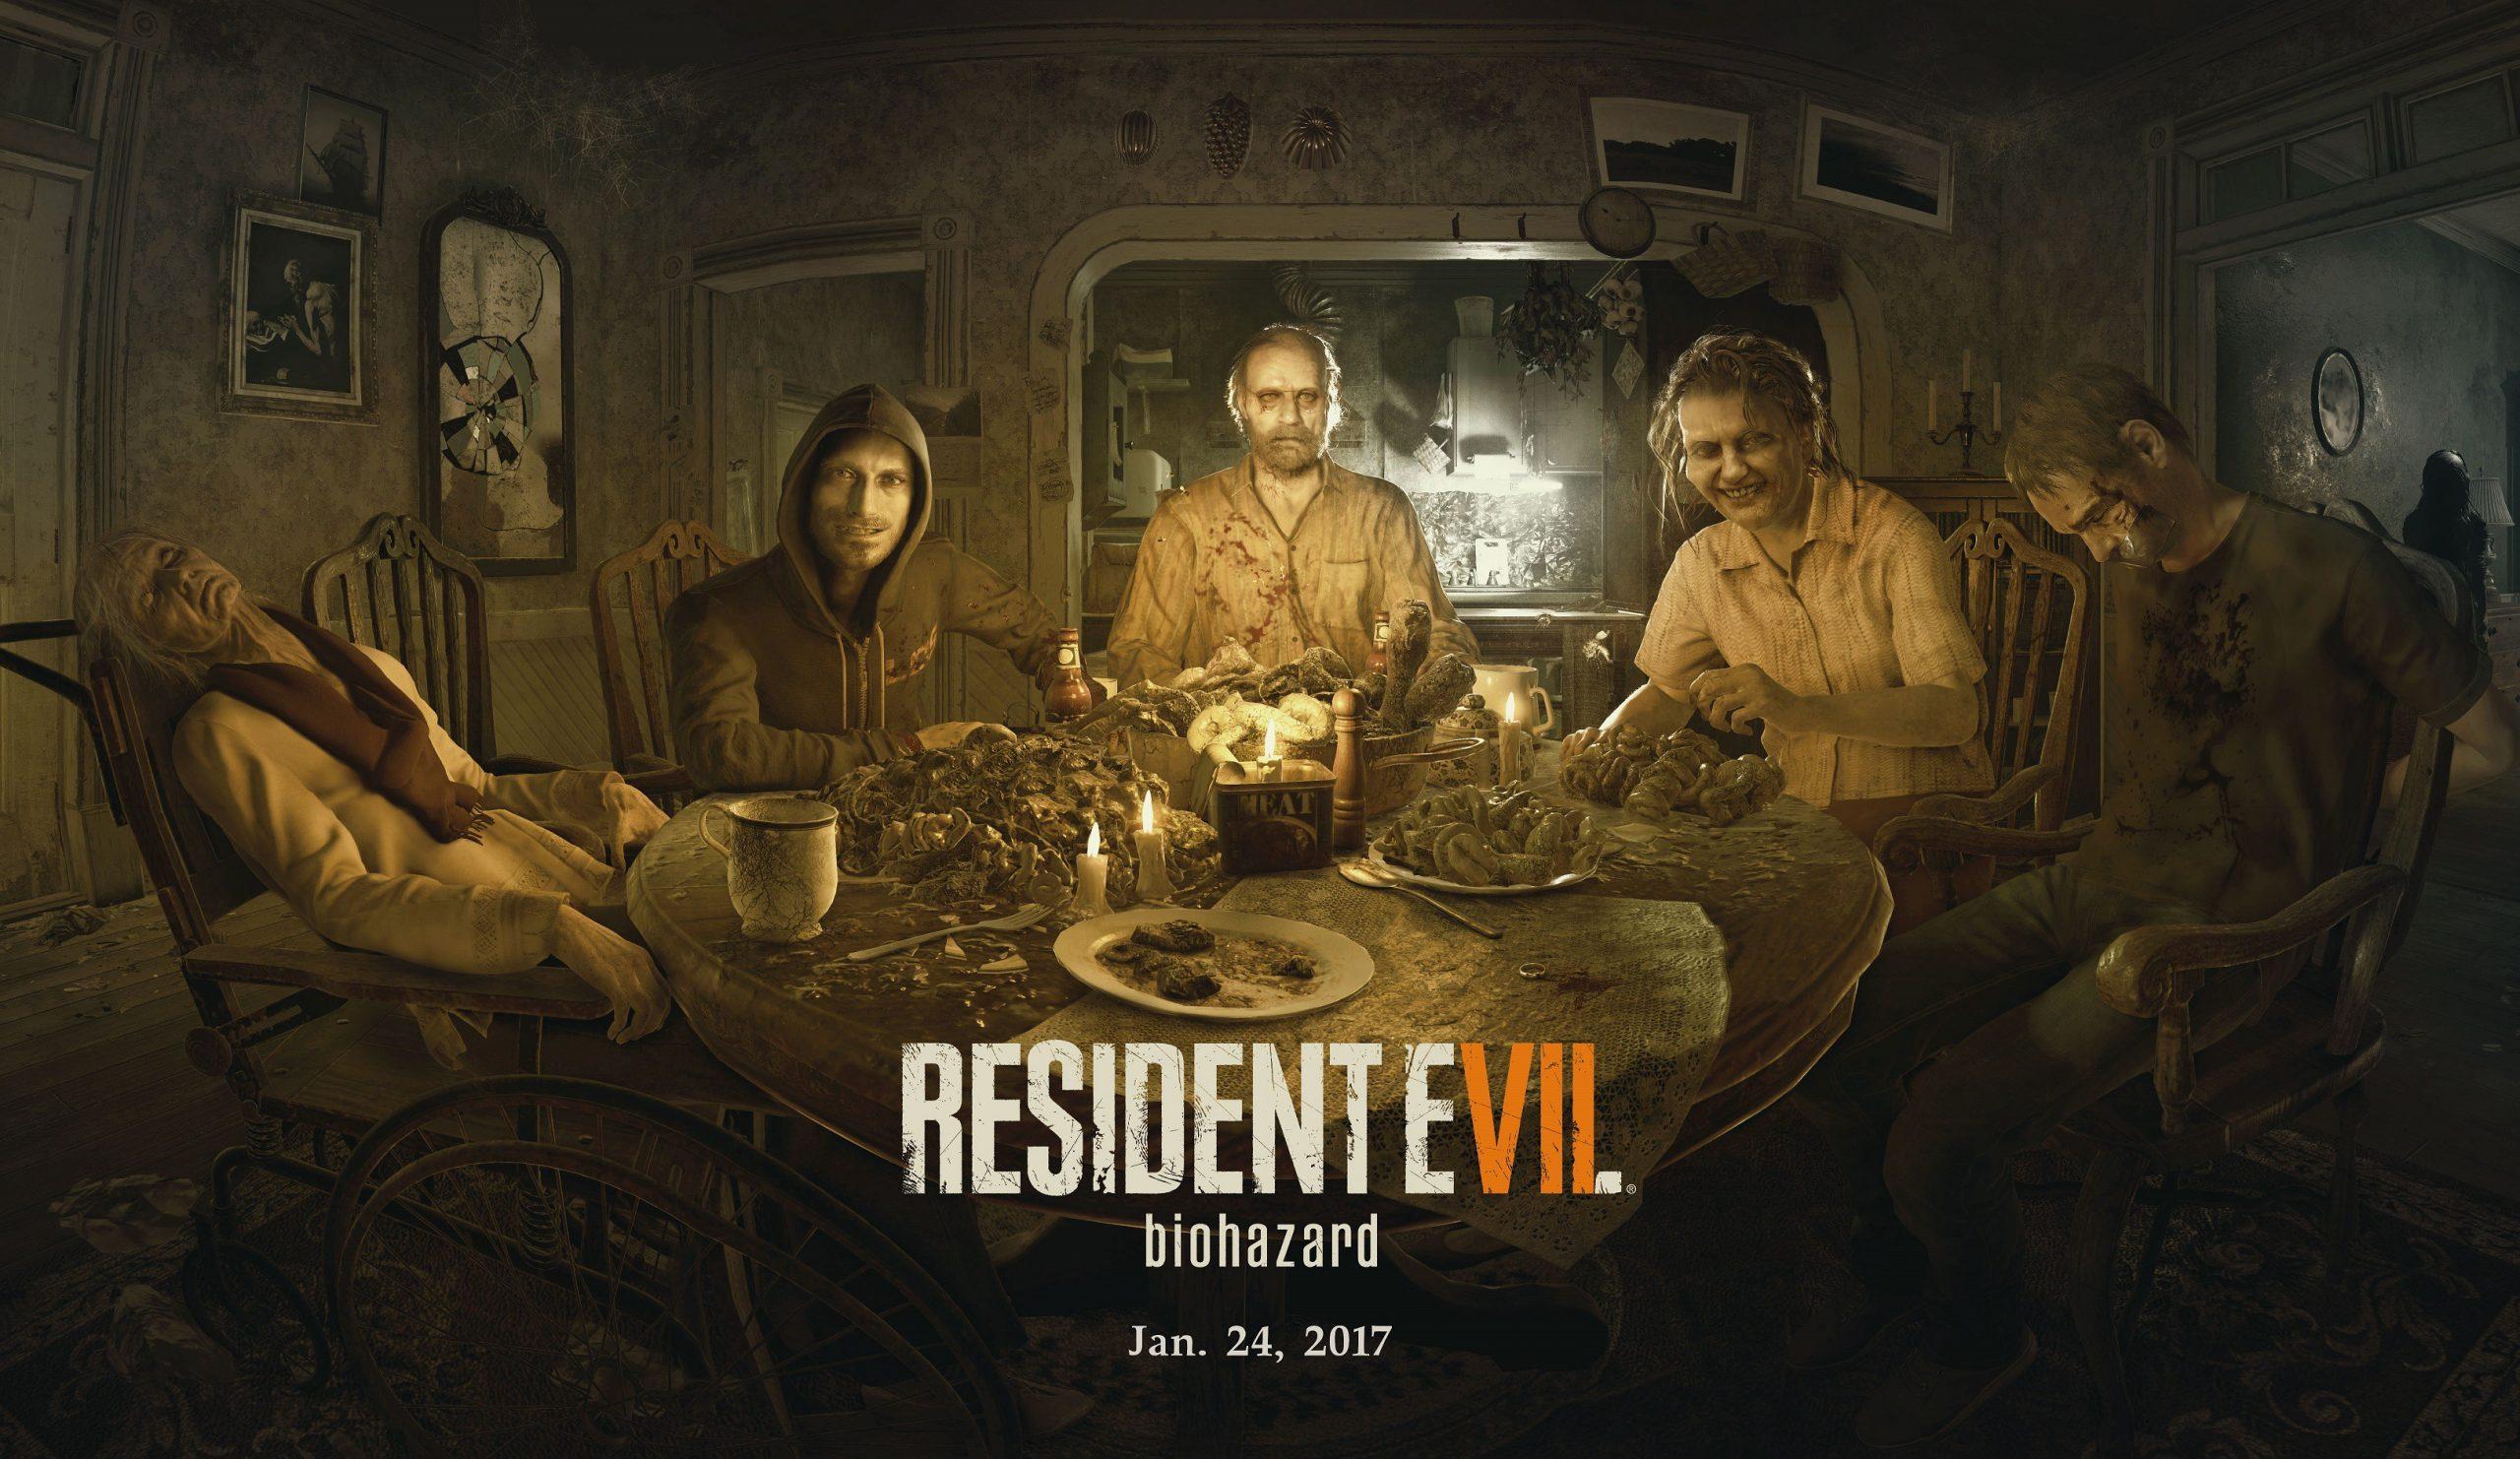 Resident Evil 7 Biohazard Review: Baker Family